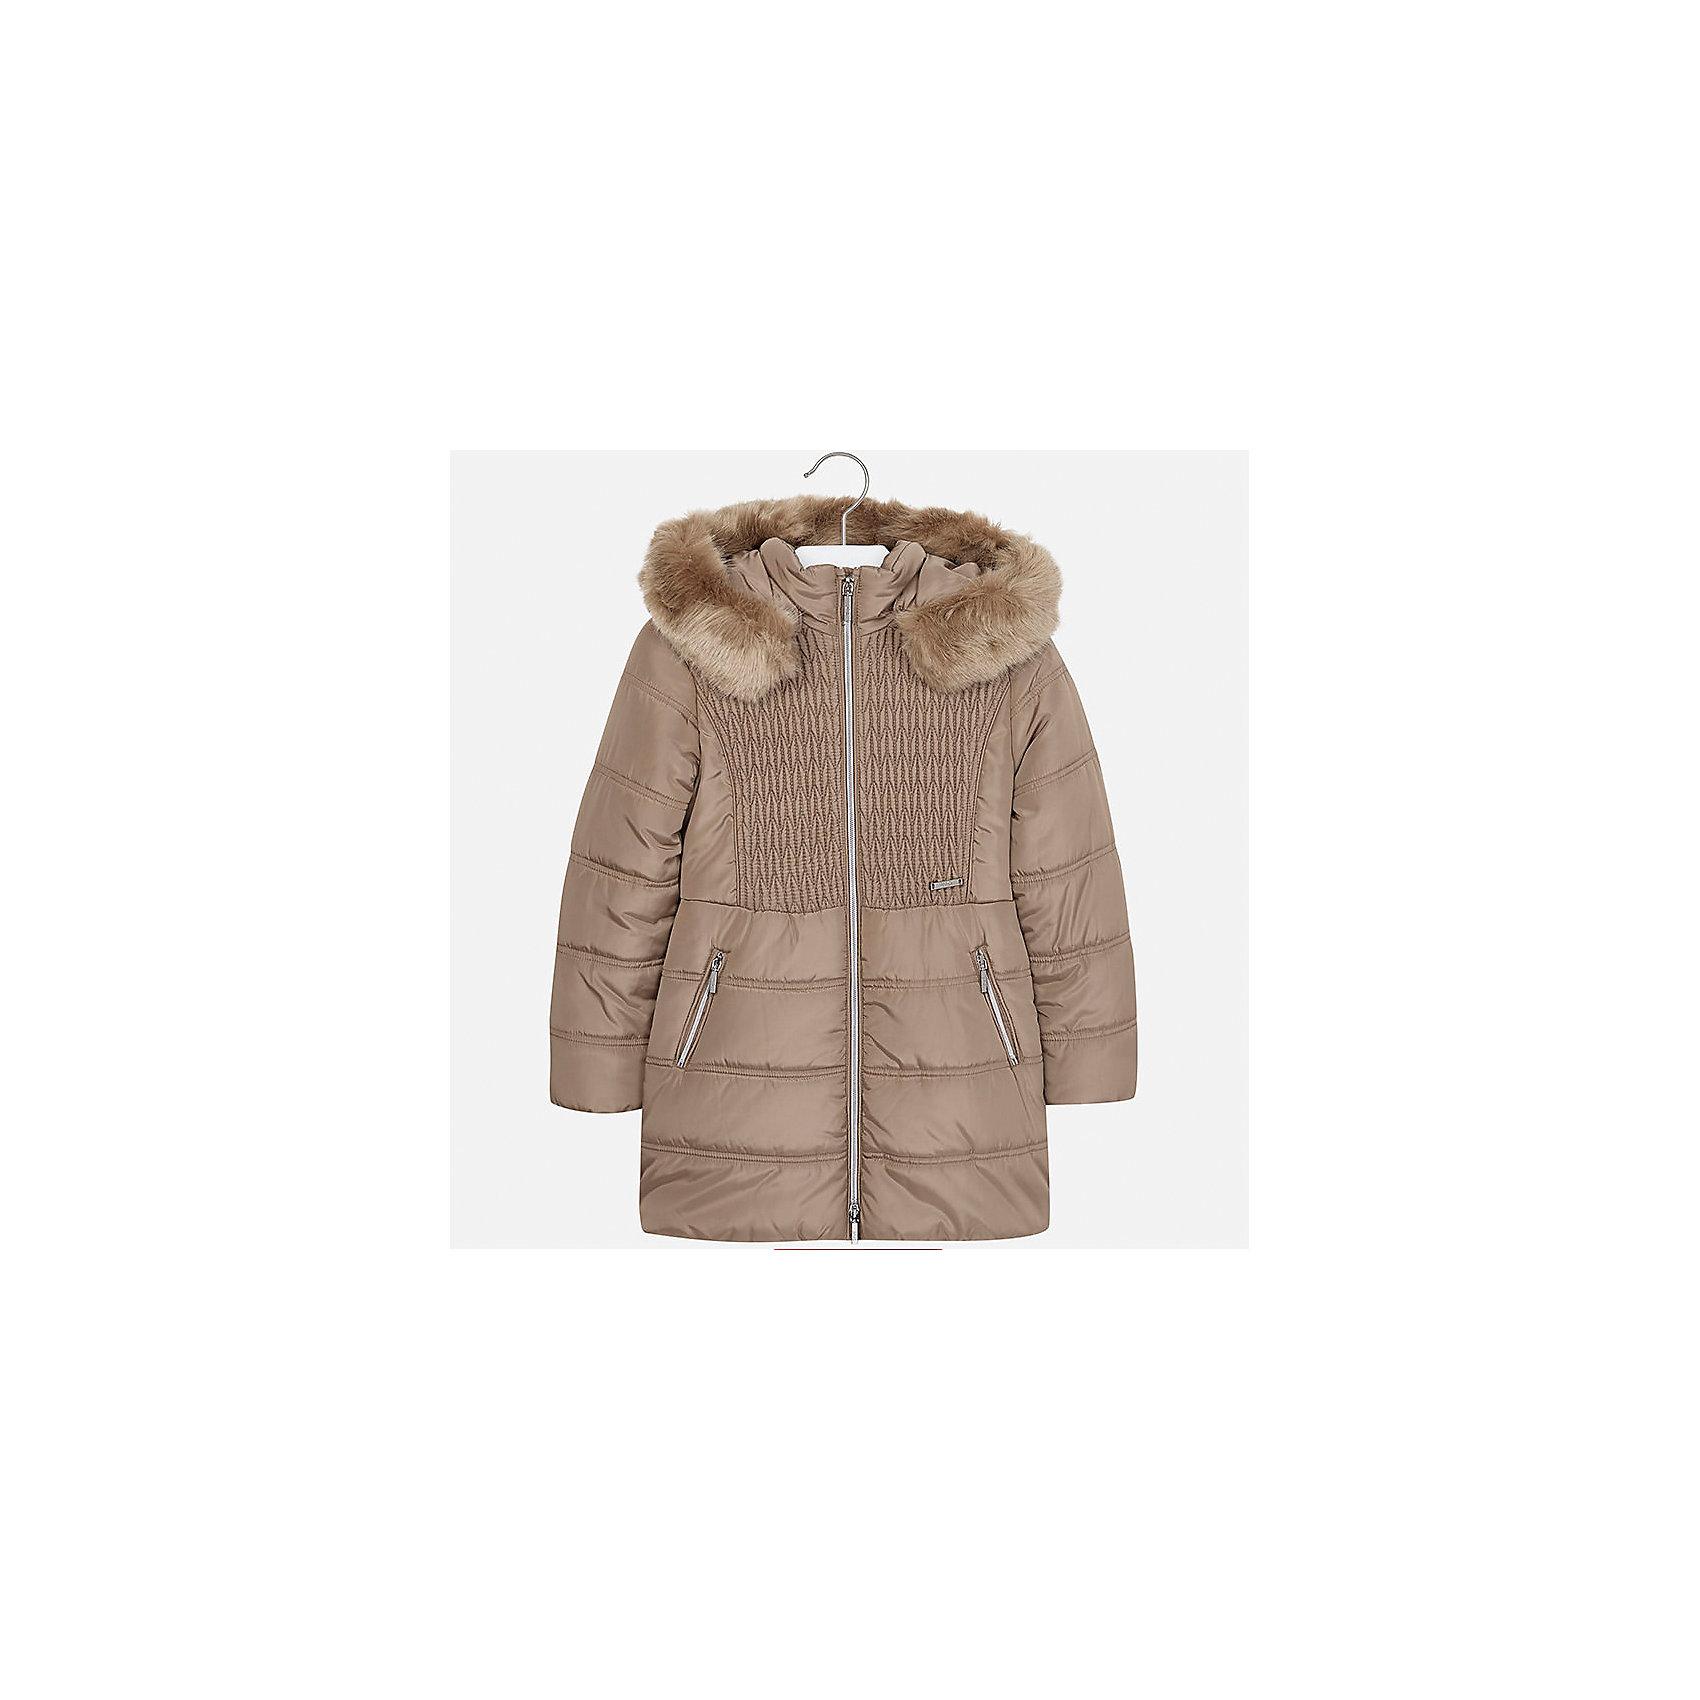 Куртка Mayoral для девочкиДемисезонные куртки<br>Характеристики товара:<br><br>• цвет: бежевый<br>• состав ткани: 100% полиэстер, подклад - 100% полиэстер, утеплитель - 100% полиэстер<br>• застежка: молния<br>• капюшон с опушкой<br>• сезон: зима<br>• температурный режим: от  0 до -10<br>• страна бренда: Испания<br>• страна изготовитель: Индия<br><br>Бежевая стильная куртка с опушкой для девочки от Майорал поможет обеспечить тепло и комфорт. Эффектная детская куртка отличается удлиненным силуэтом и наличием капюшона. <br><br>Детская одежда от испанской компании Mayoral отличаются оригинальным и всегда стильным дизайном. Качество продукции неизменно очень высокое.<br><br>Куртку для девочки Mayoral (Майорал) можно купить в нашем интернет-магазине.<br><br>Ширина мм: 356<br>Глубина мм: 10<br>Высота мм: 245<br>Вес г: 519<br>Цвет: коричневый<br>Возраст от месяцев: 96<br>Возраст до месяцев: 108<br>Пол: Женский<br>Возраст: Детский<br>Размер: 128/134,170,164,158,152,140<br>SKU: 6922101